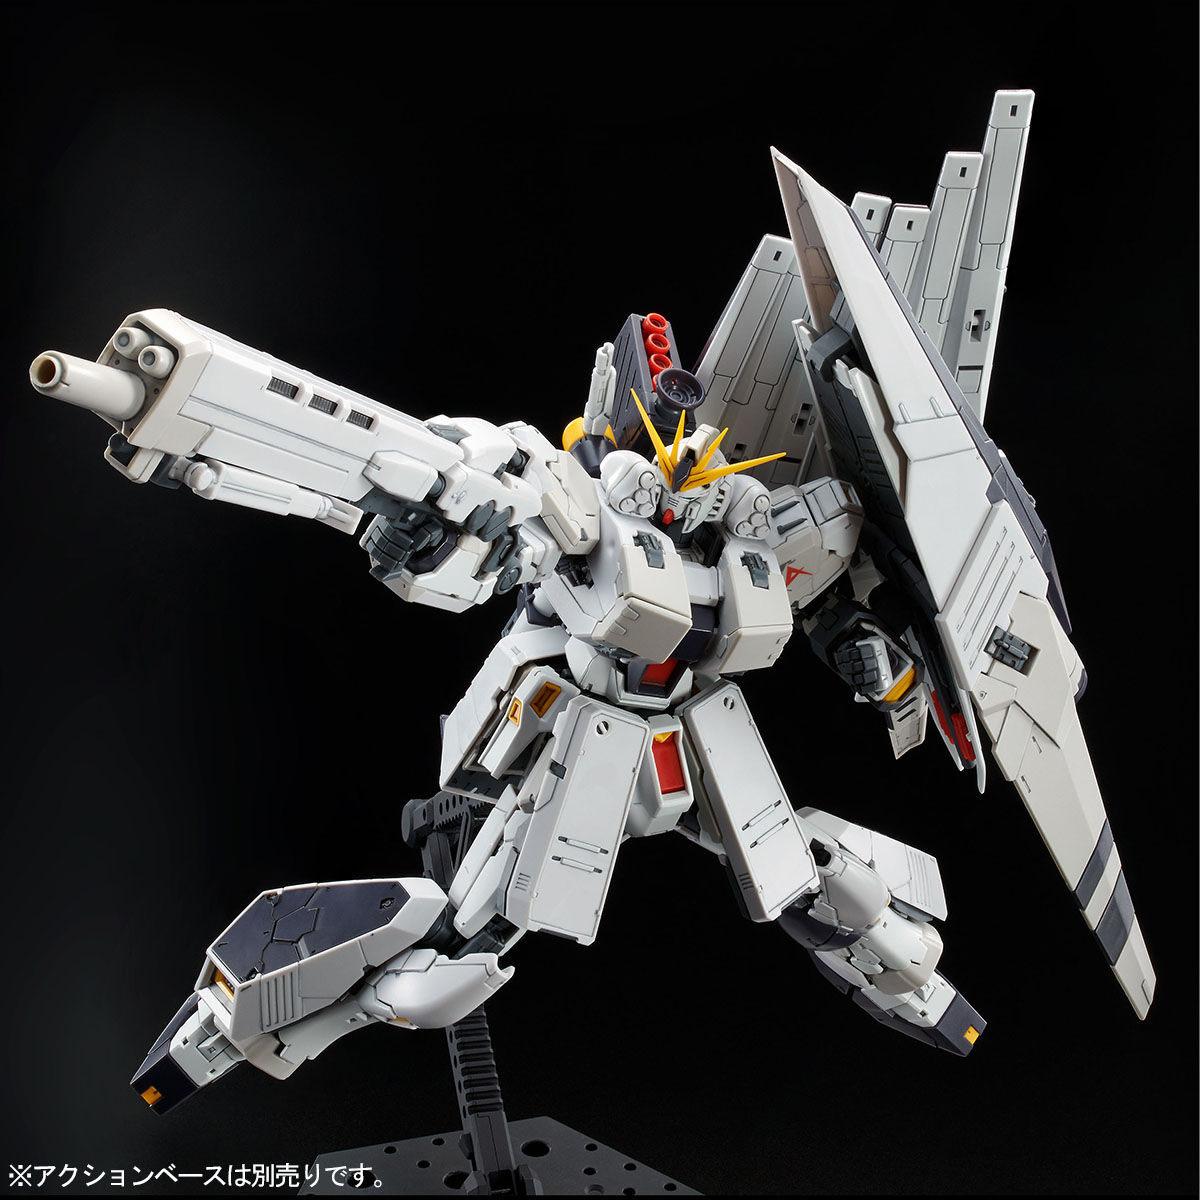 【限定販売】RG 1/144『νガンダム HWS』逆襲のシャア プラモデル-003